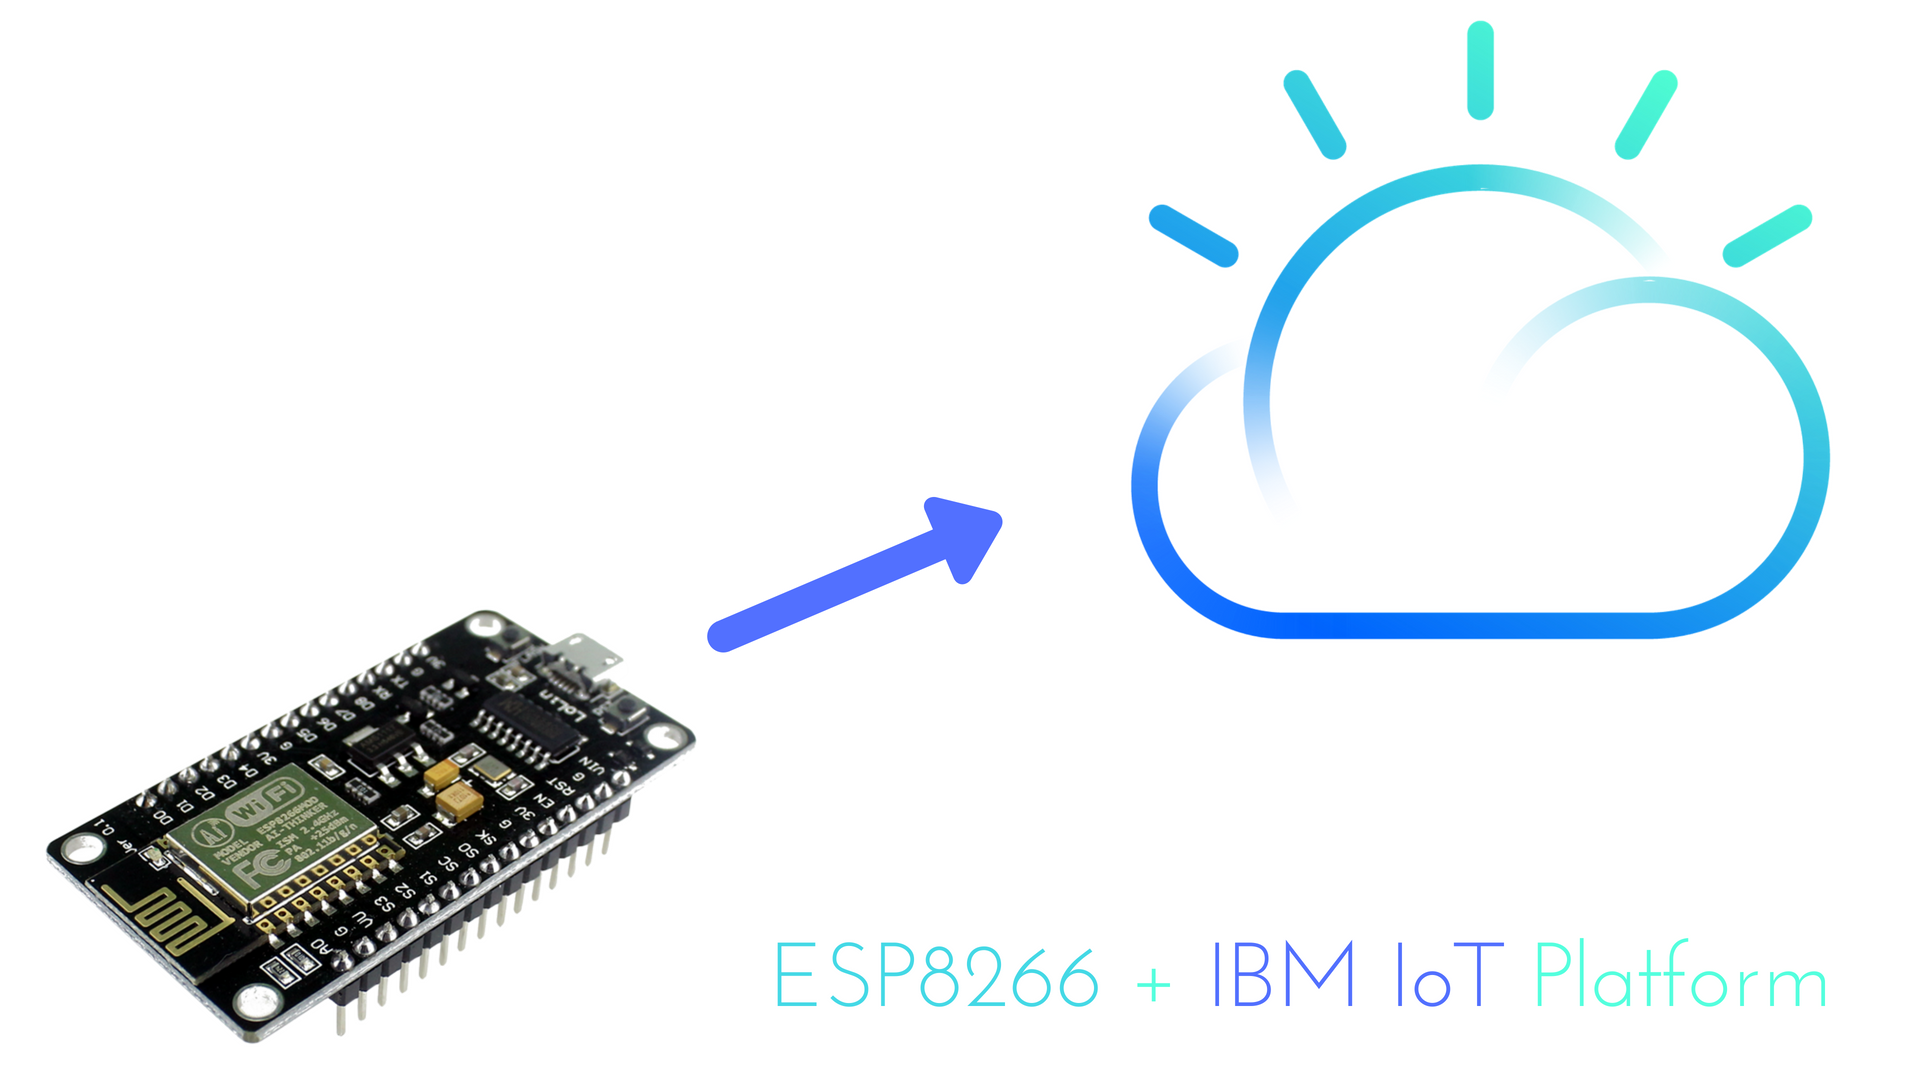 Picture of Cómo Conectar Un ESP8266 a IBM IoT Platform